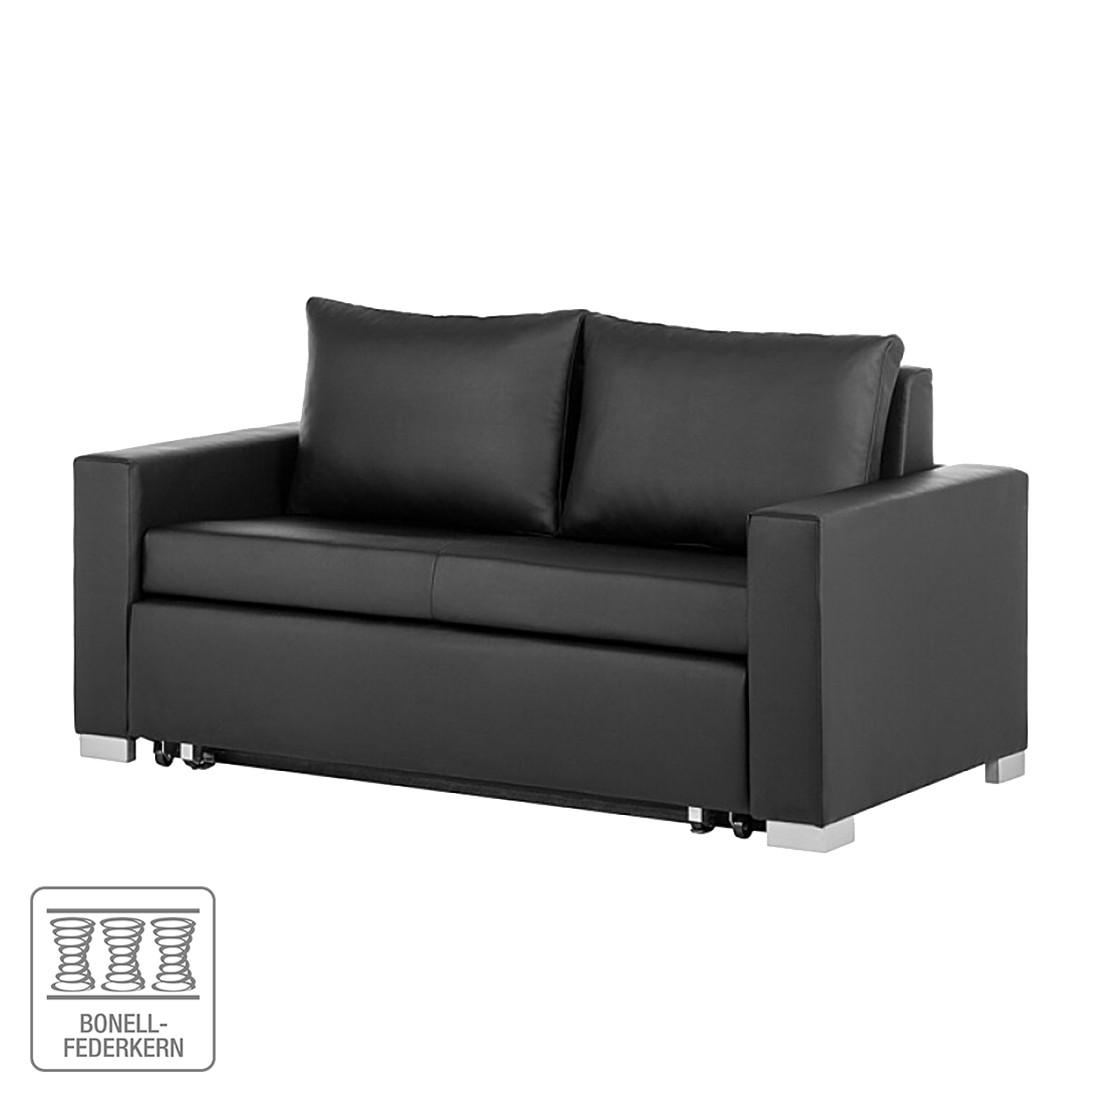 Schlafsofa latina ii 150cm bett sofa schlaf couch for Schlafsofa bett